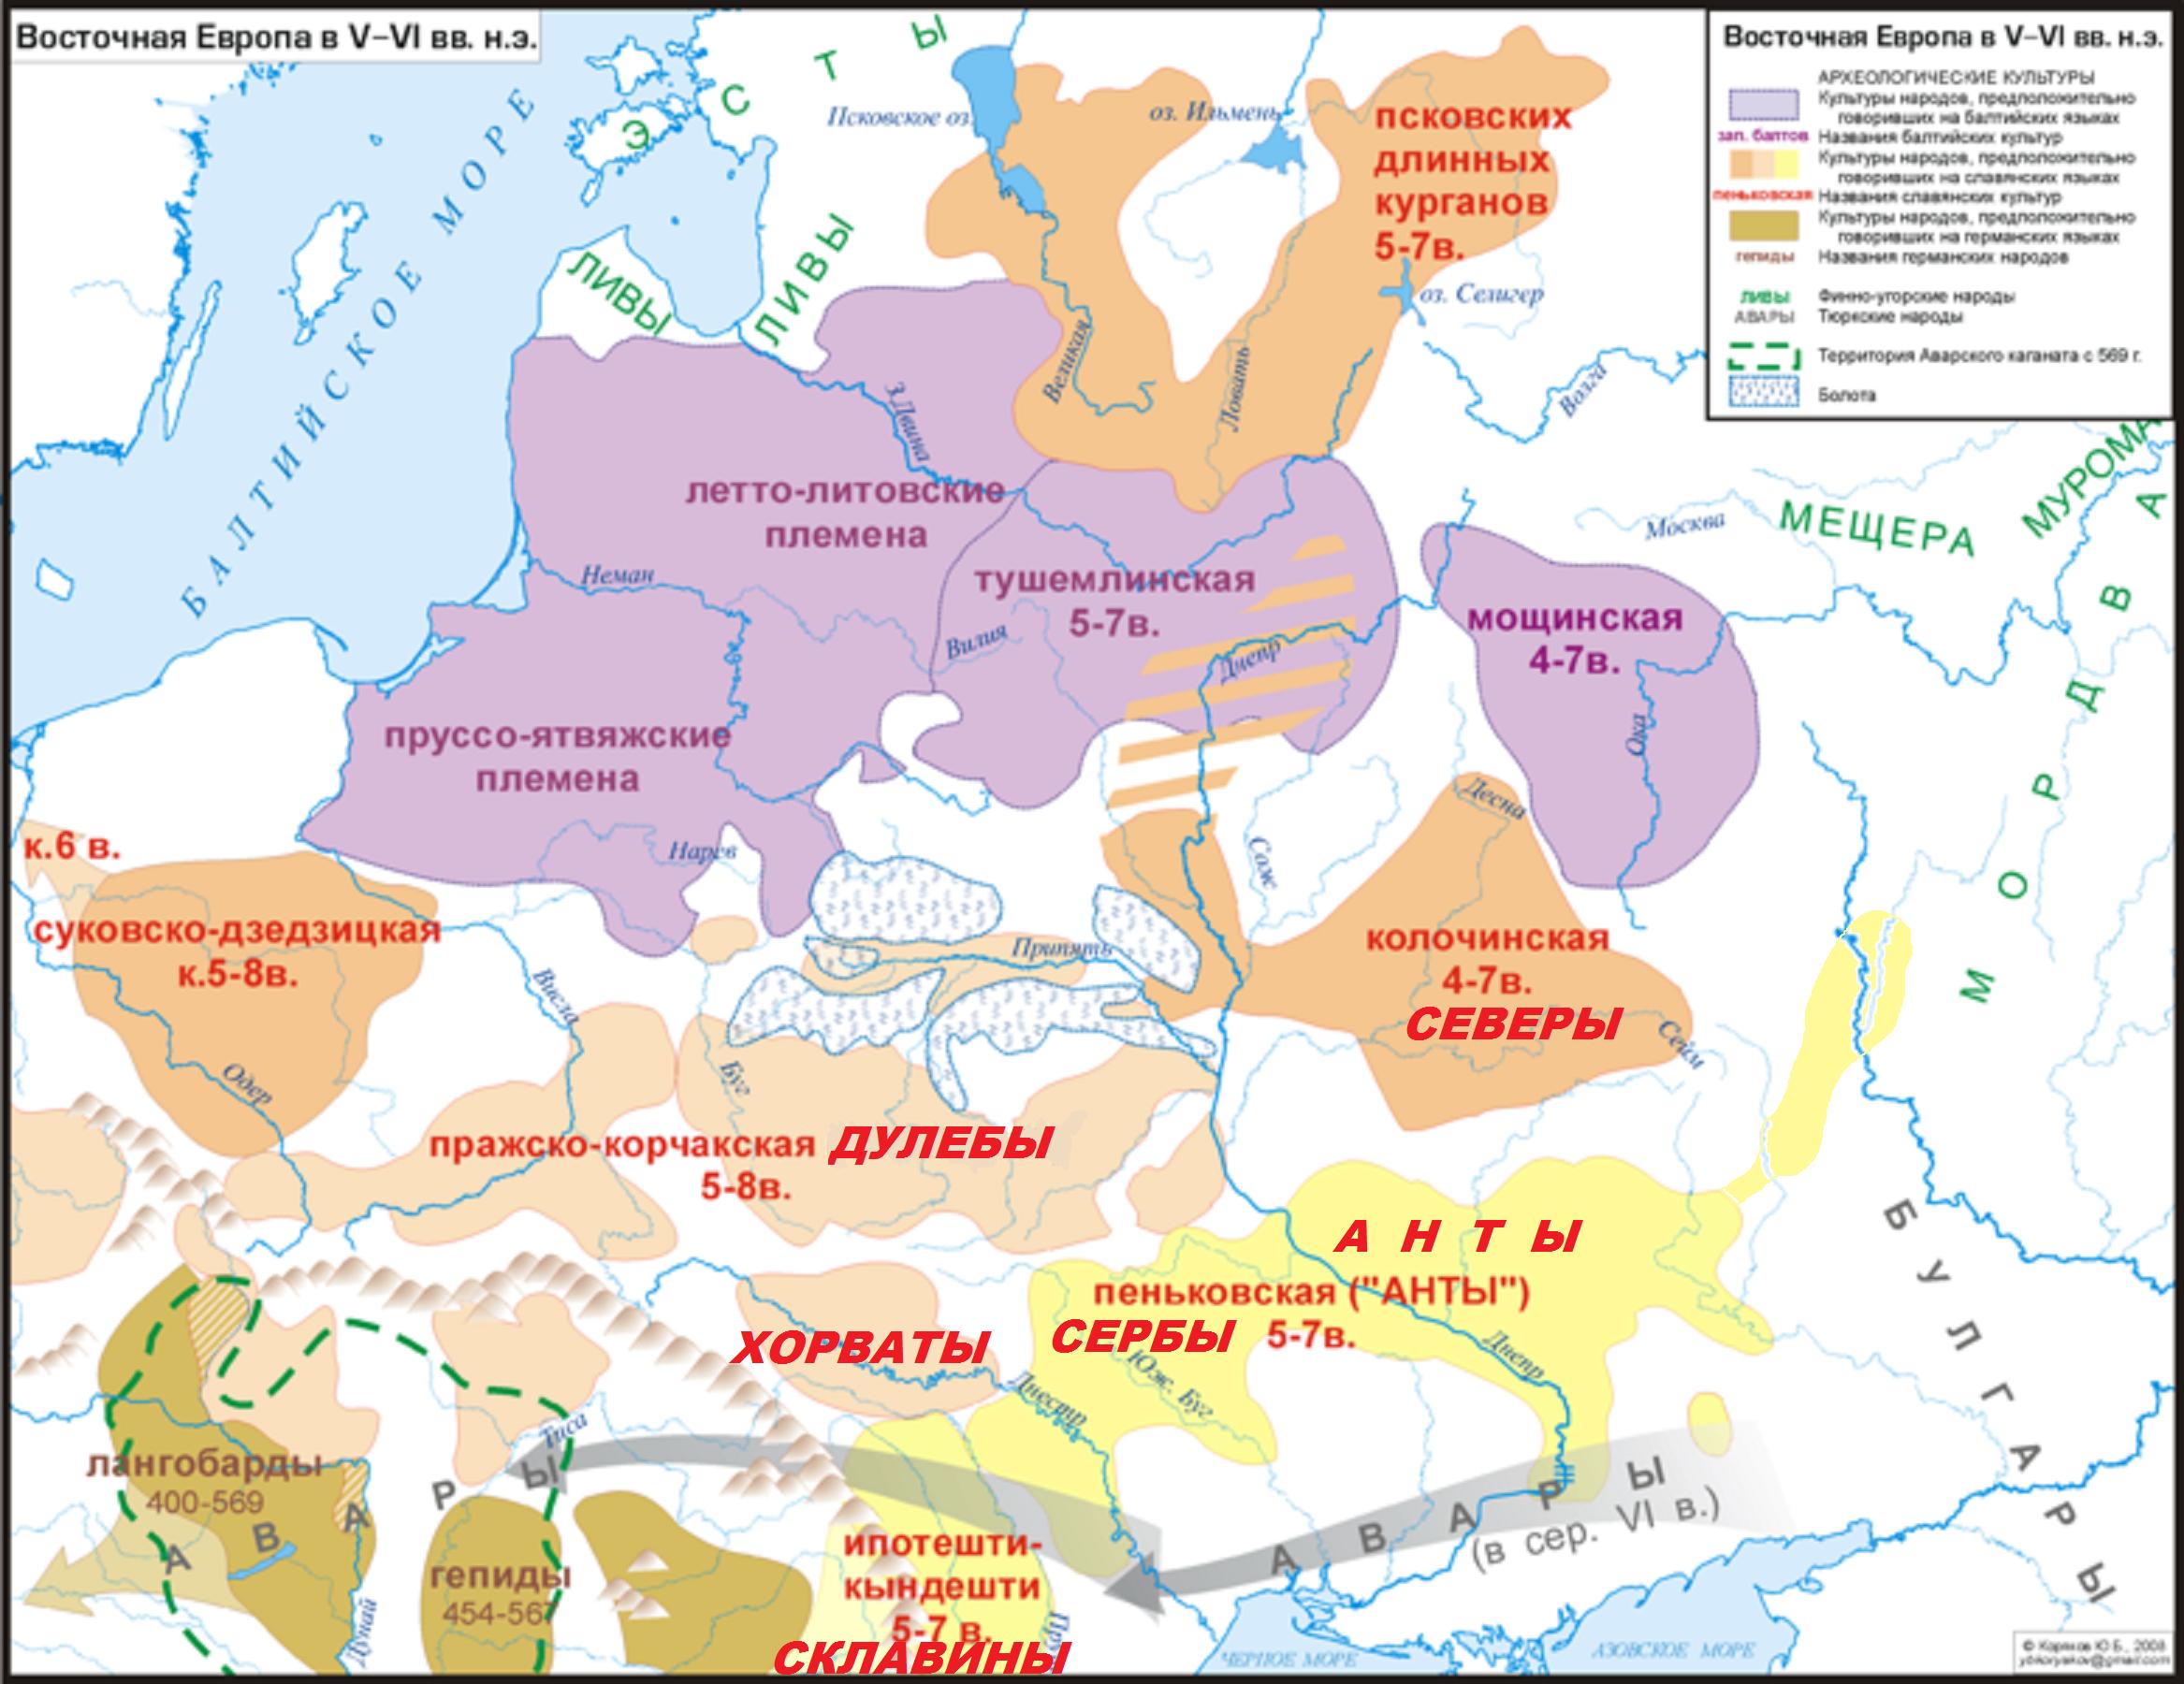 Аварское вторжение на территорию Восточной Европы на основе карты Ю. Корякова